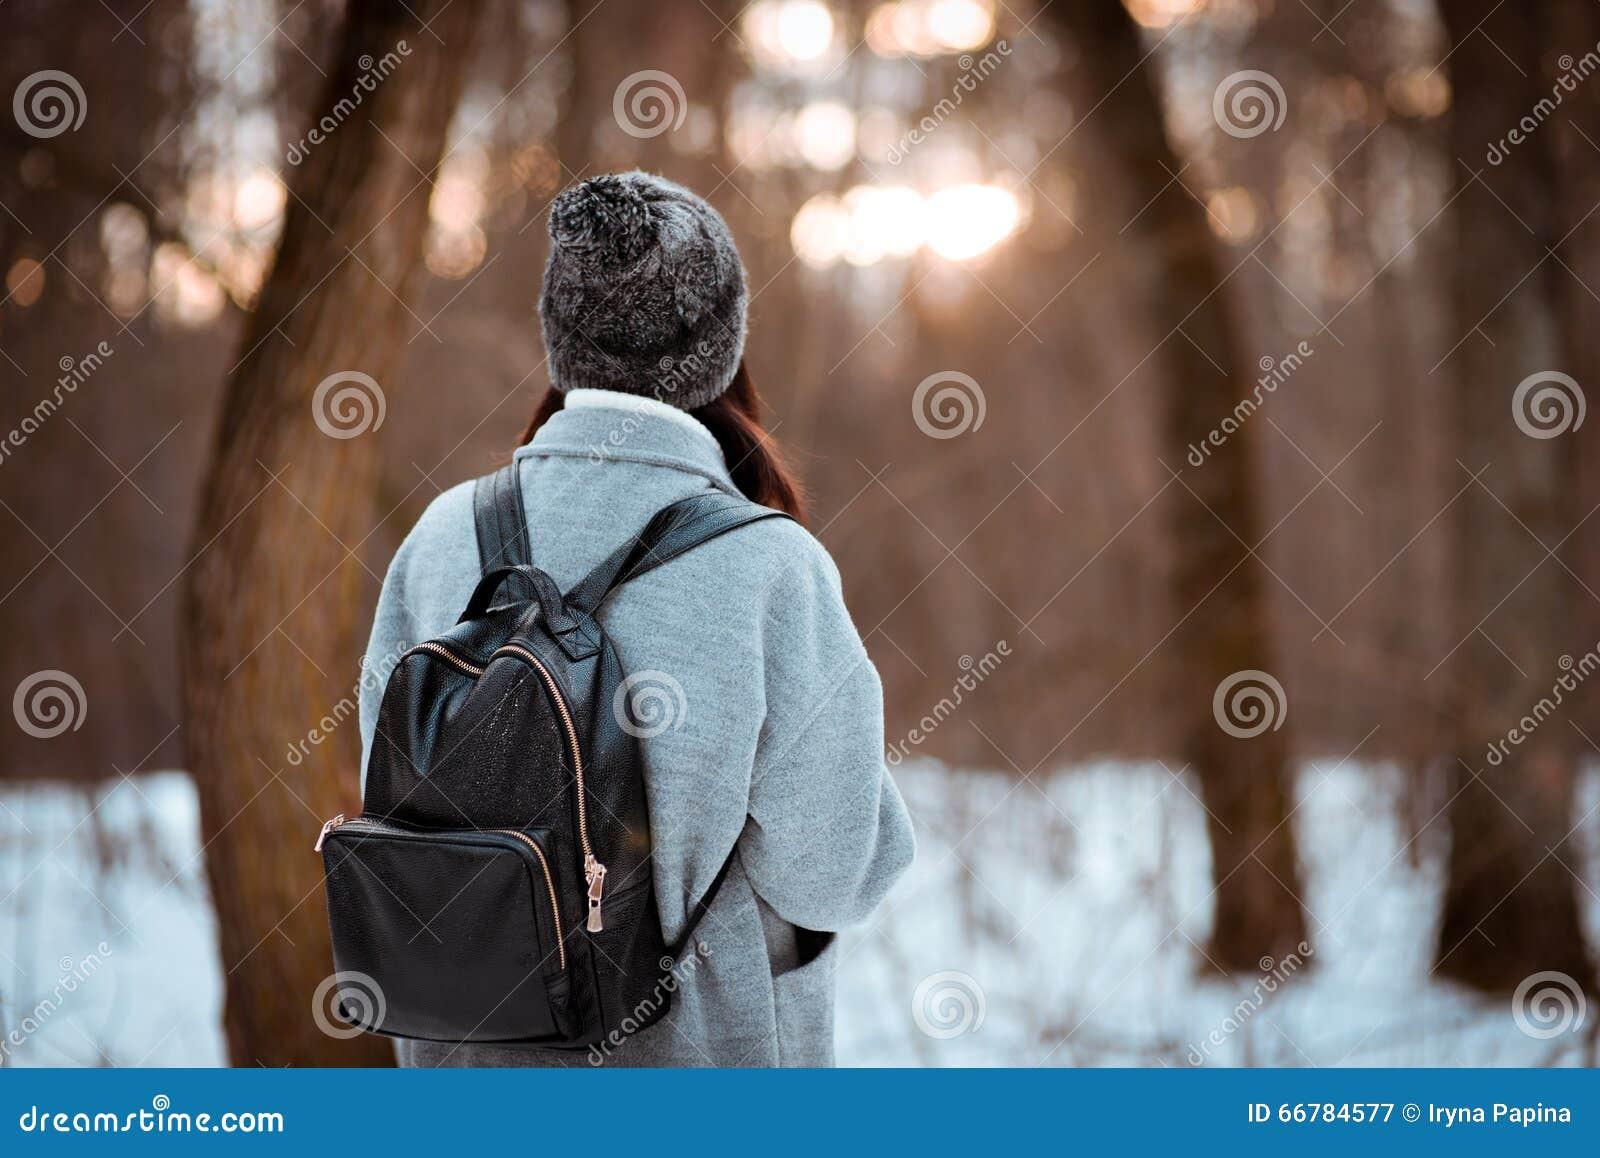 Πορτρέτο ενός ευτυχούς όμορφου κοριτσιού με την καφετιά τρίχα στο χειμερινό δάσος που ντύνεται σε ένα ύφος hipster, τρόπος ζωής